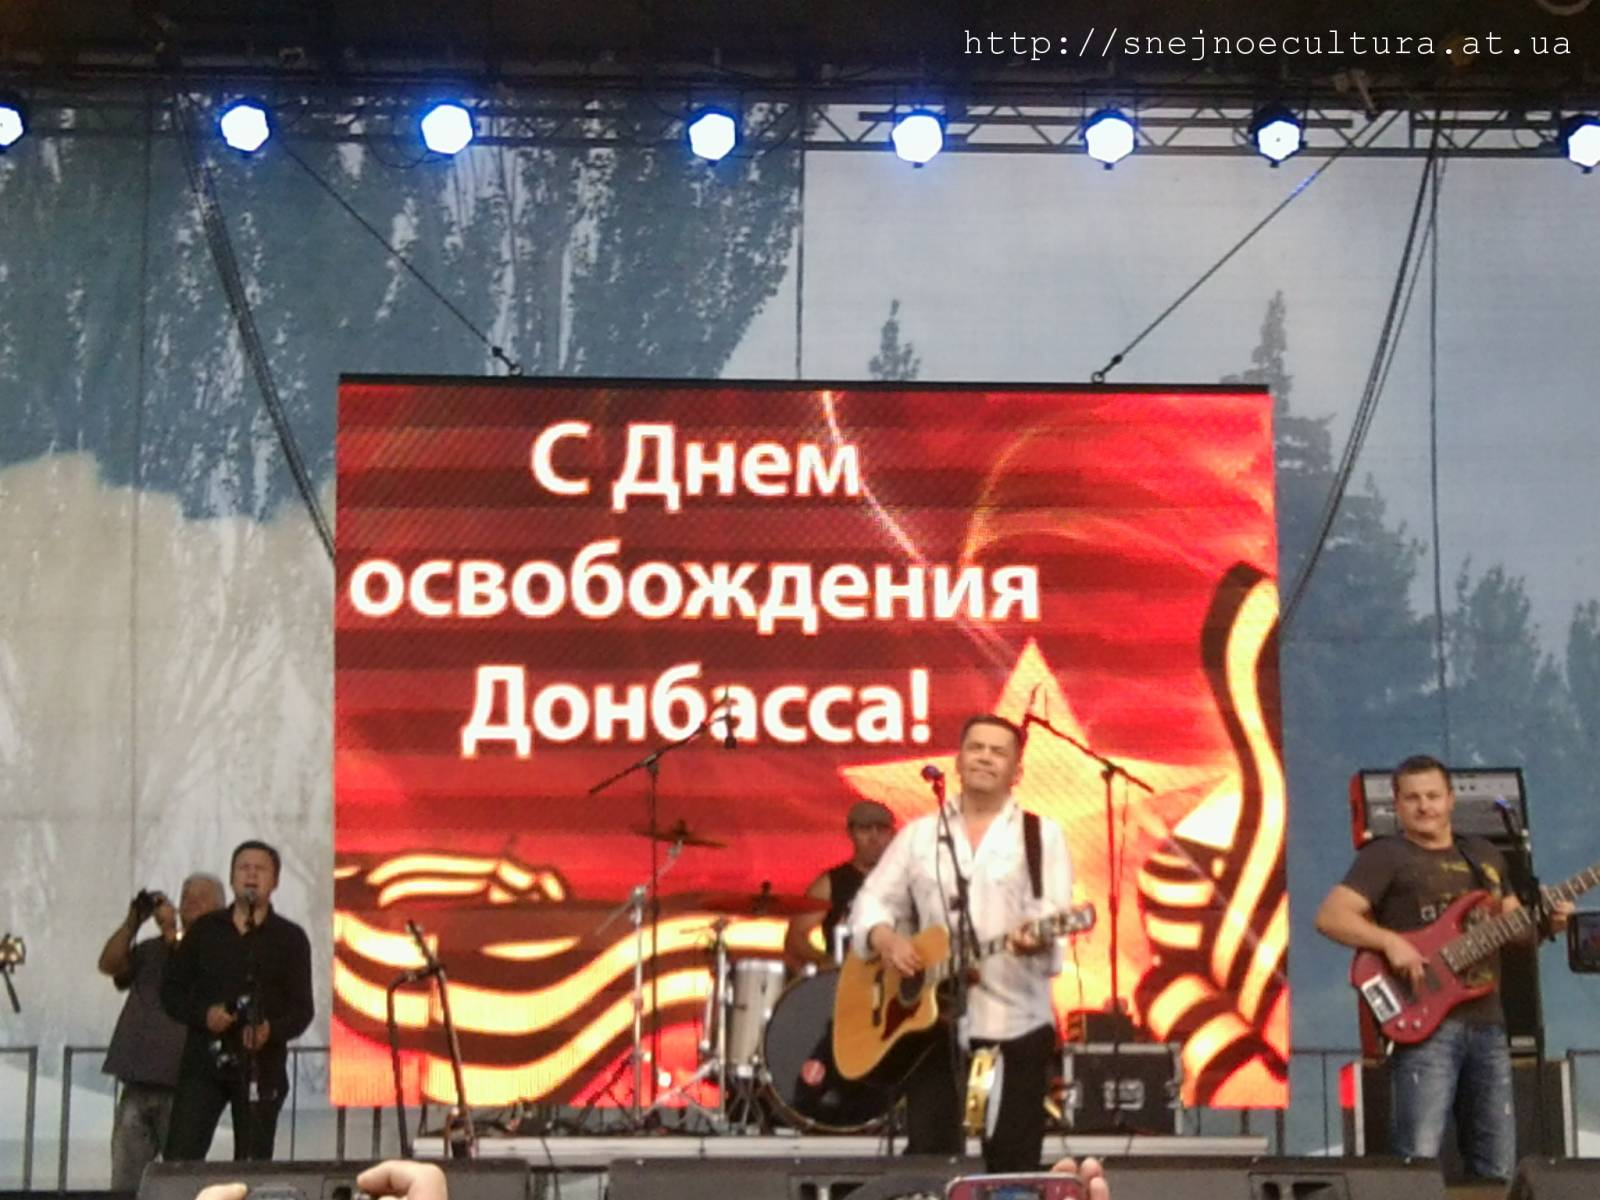 Поздравление Бориса Литвинова с Днем освобождения Донбасса Вперед